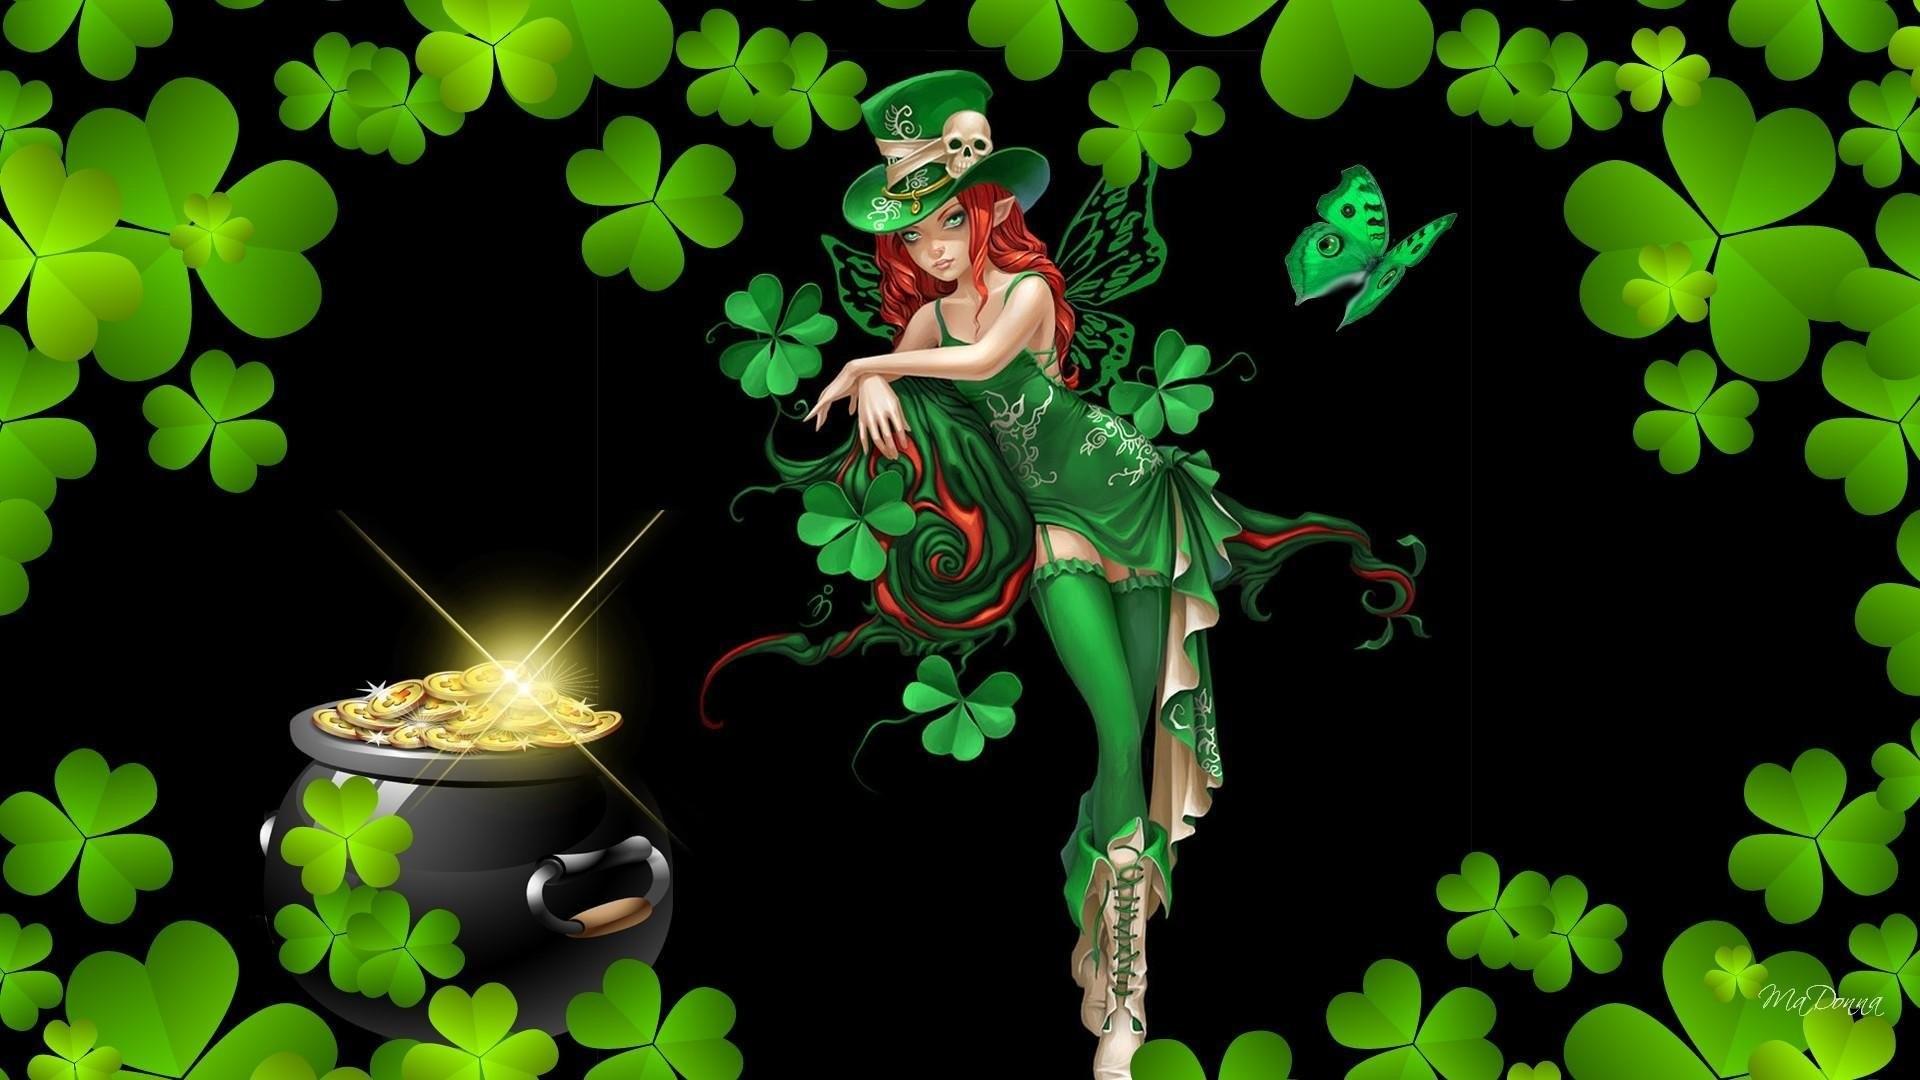 Res: 1920x1080, irish fairies